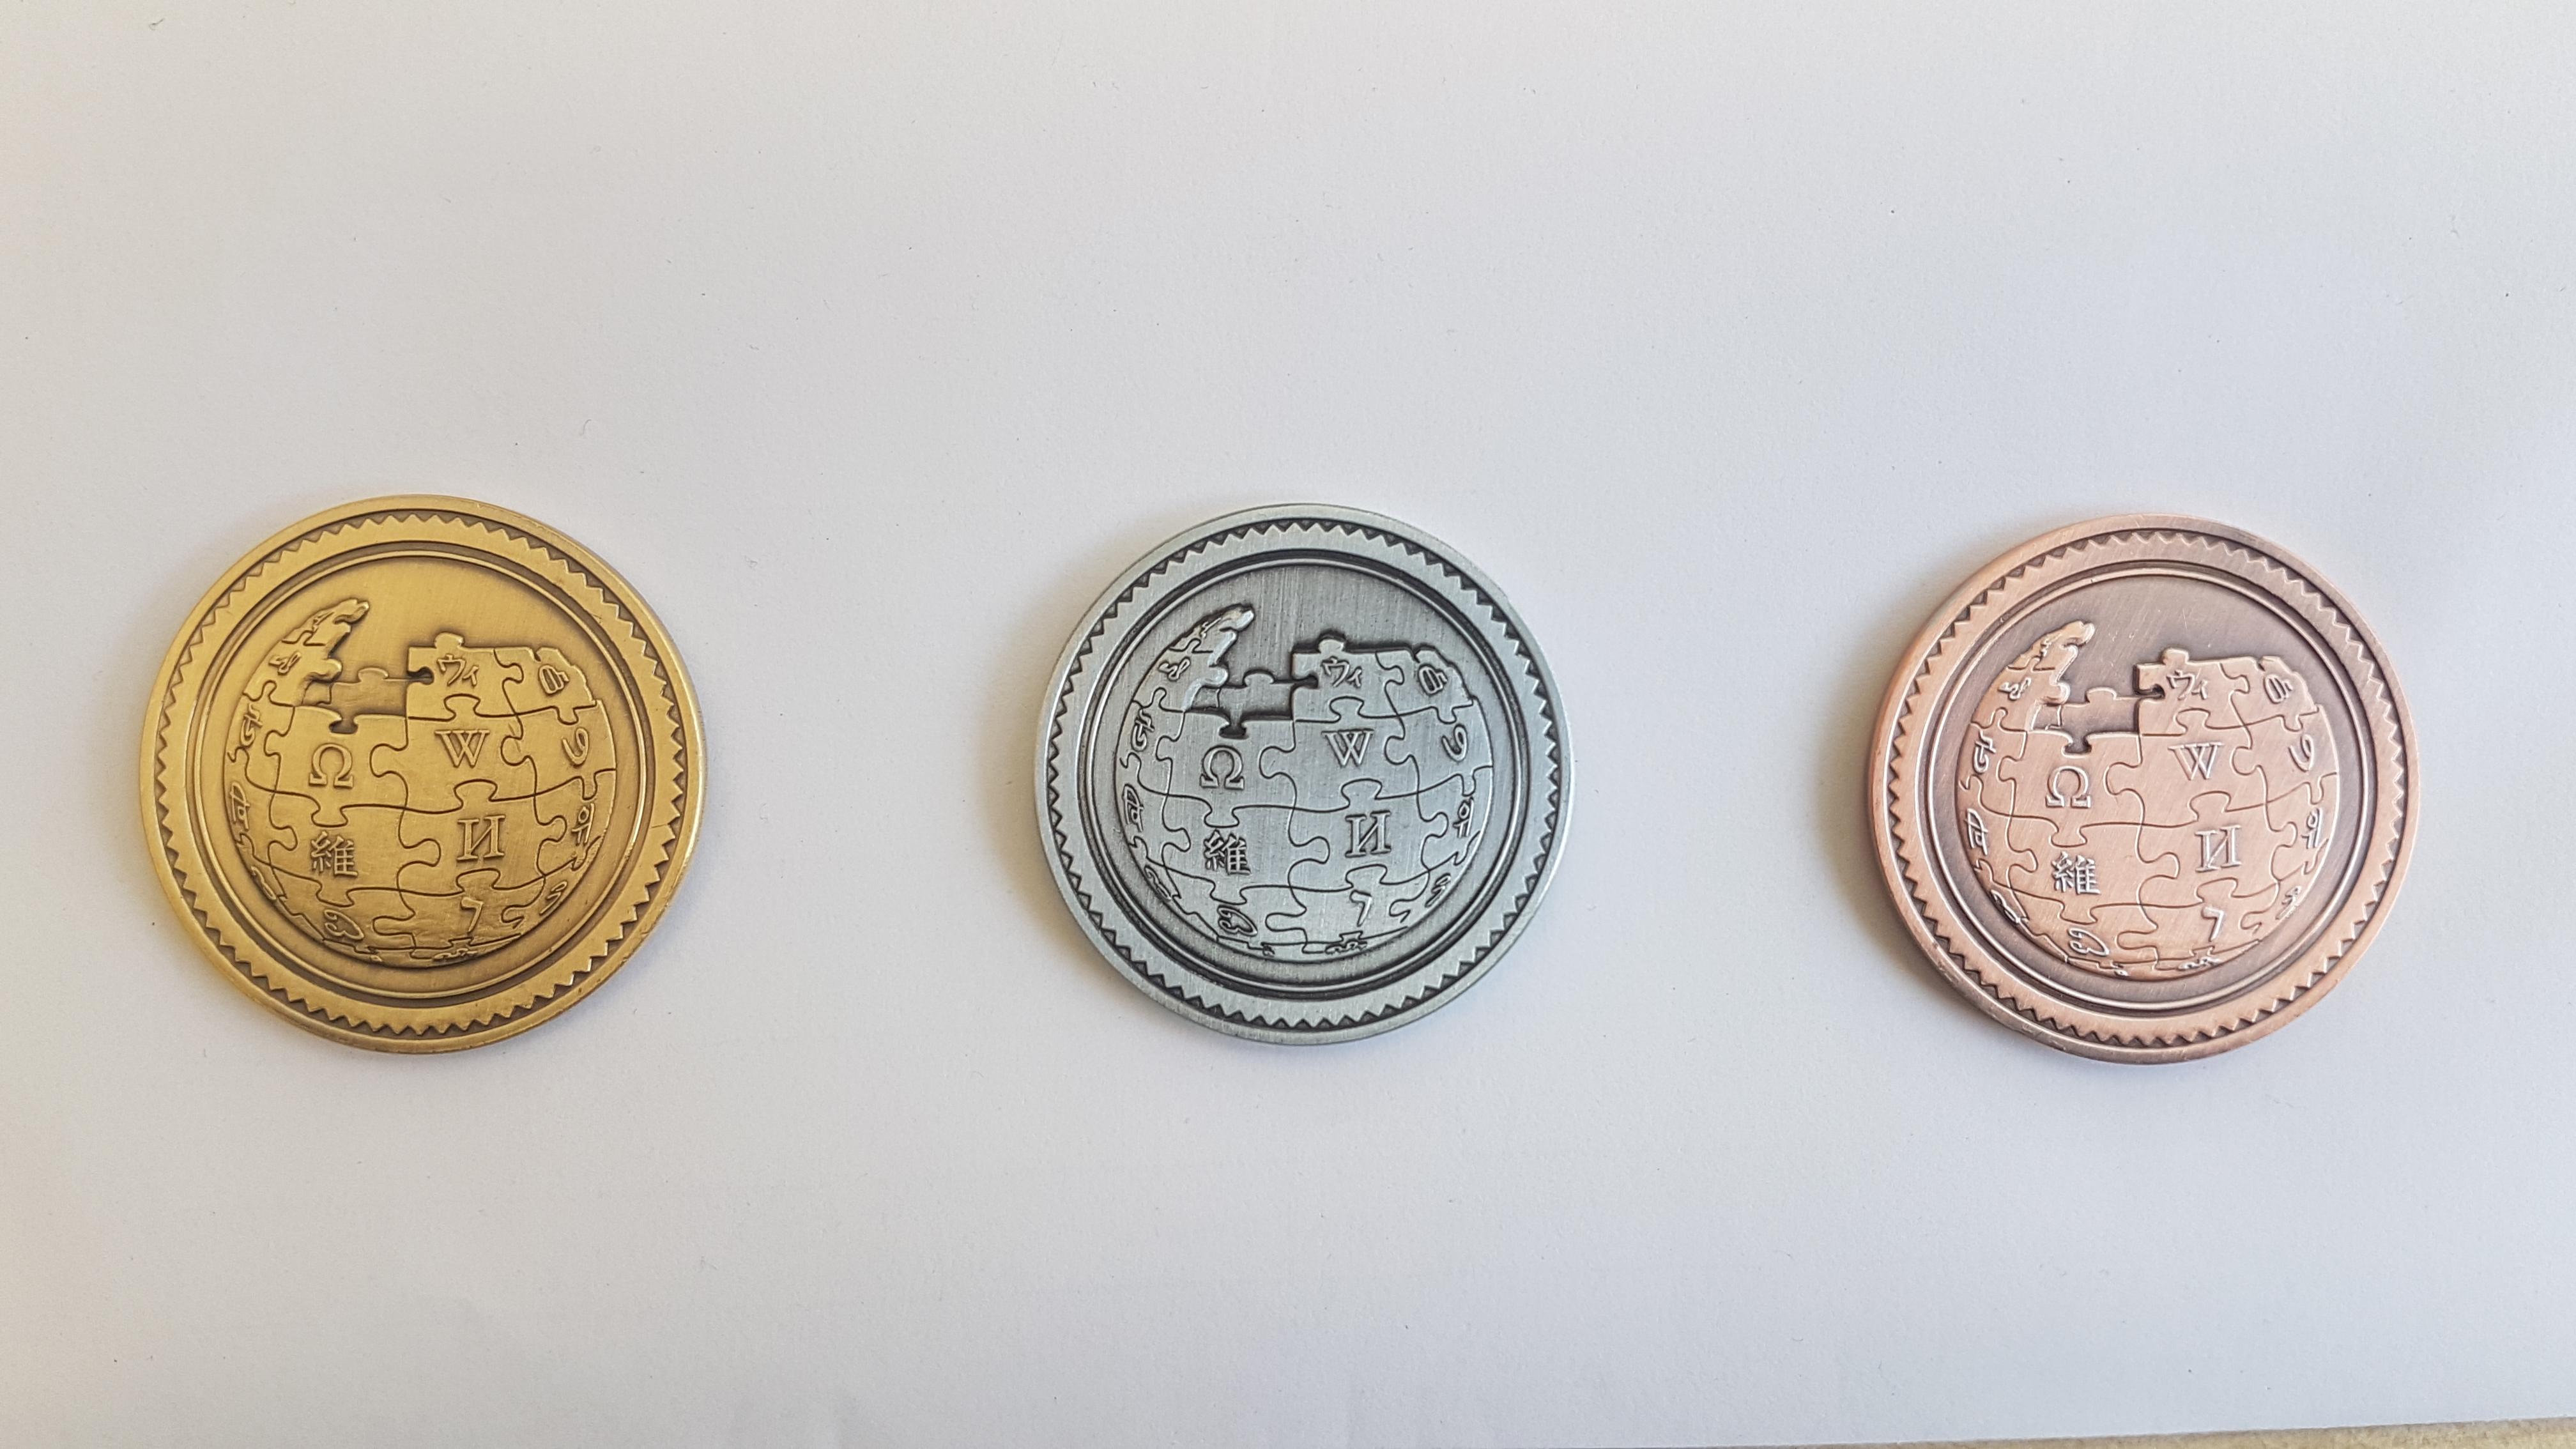 Fichierwikiläum Münzen 5 10 Jahre Rückseitejpg Wikipédia